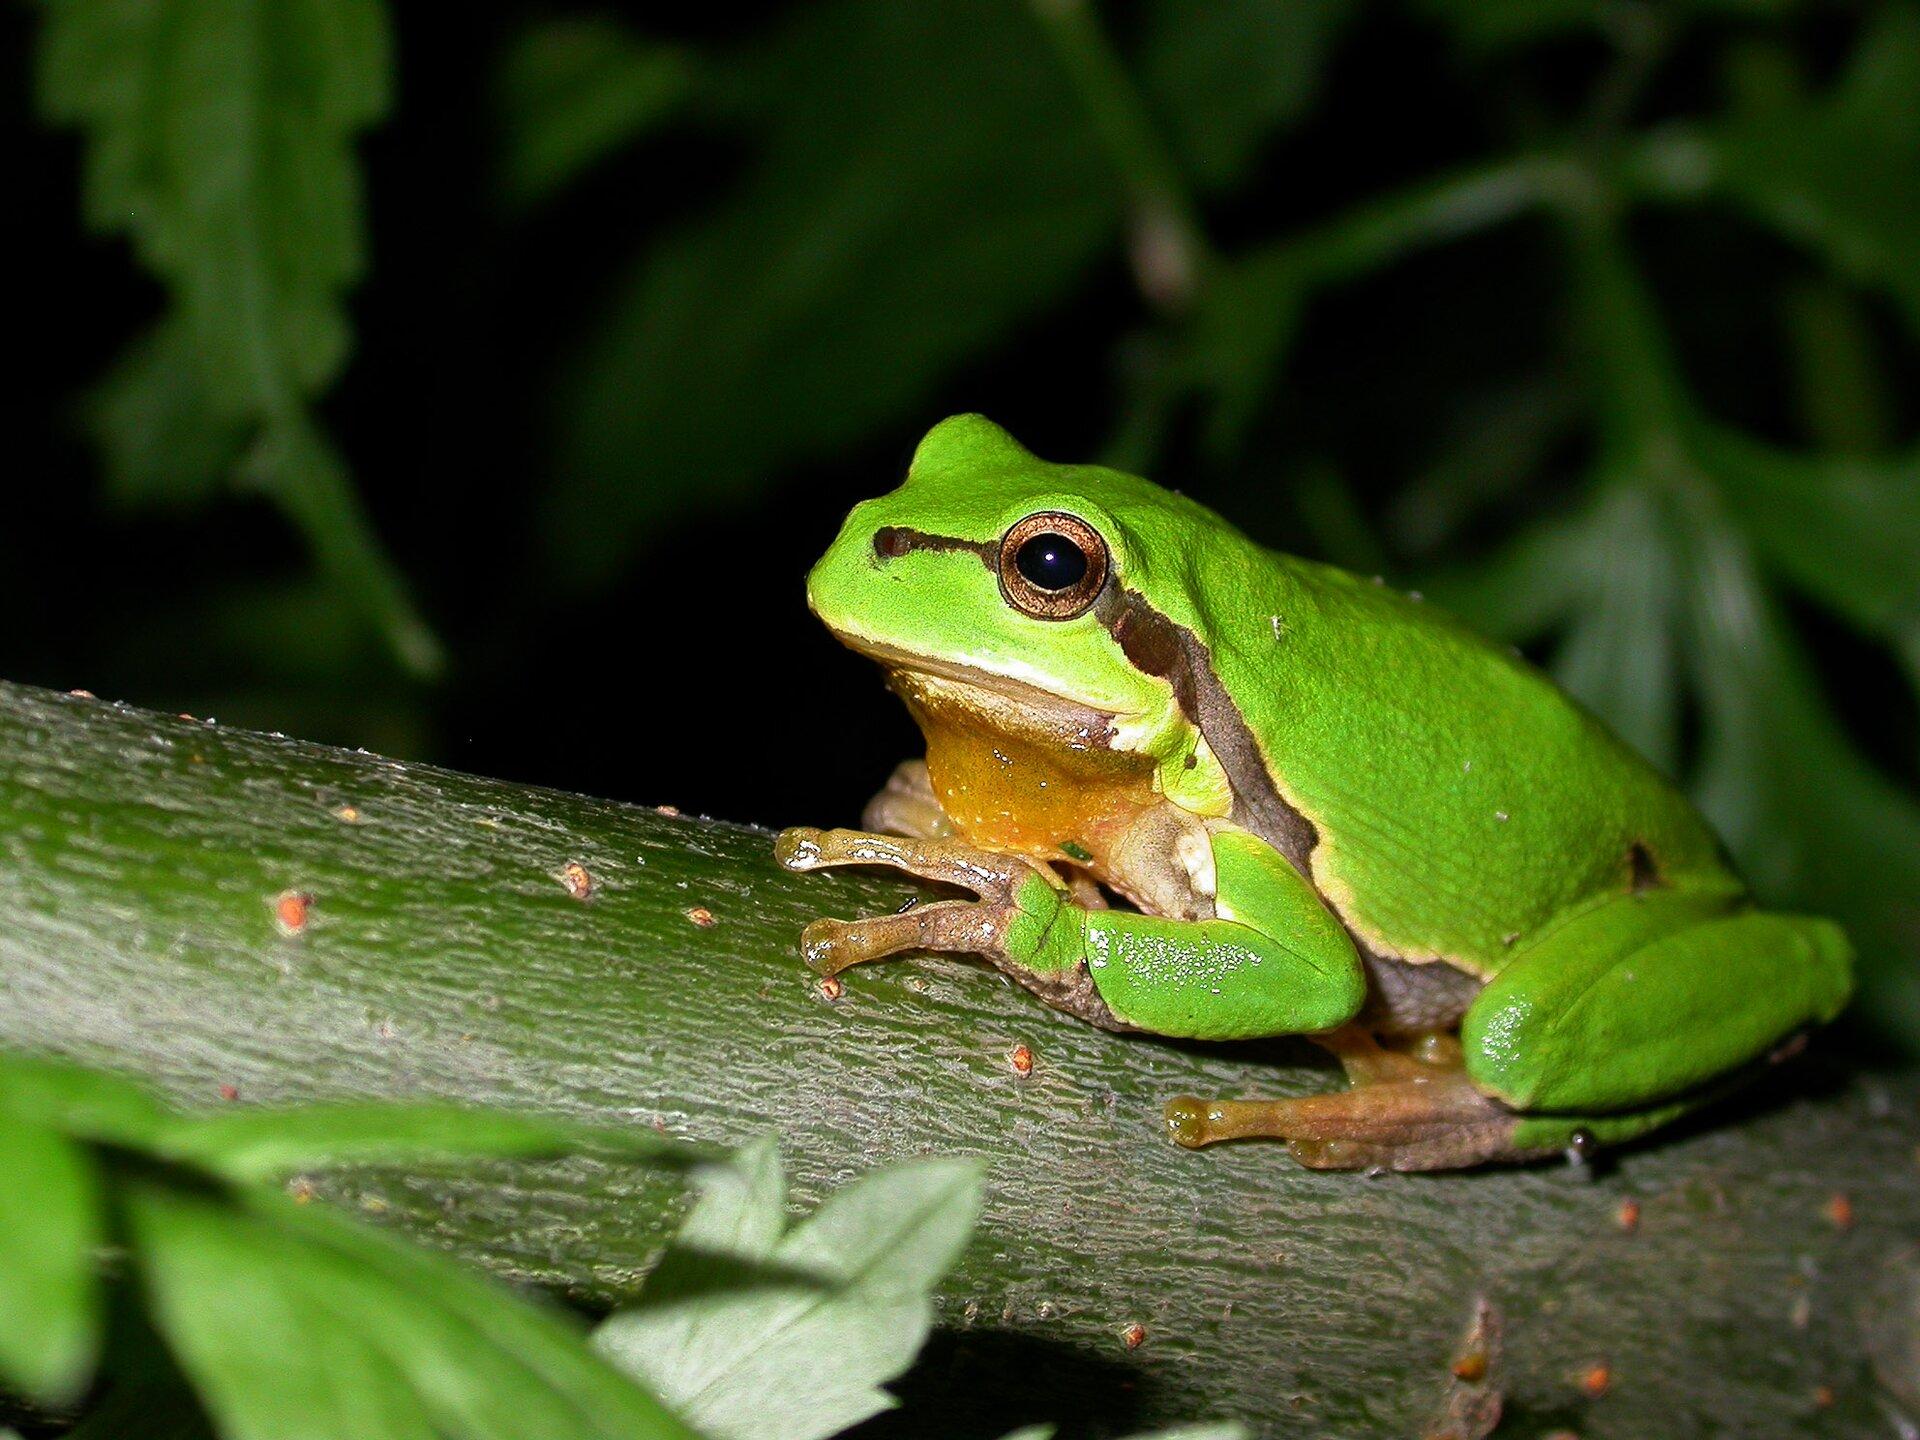 Fotografia przedstawia wzbliżeniu zieloną rzekotkę drzewną, siedzącą na gałęzi. Na końcach palców ma nieduże zgrubienia. Przez oko, szyję aż na brzuch sięga brązowa plama.